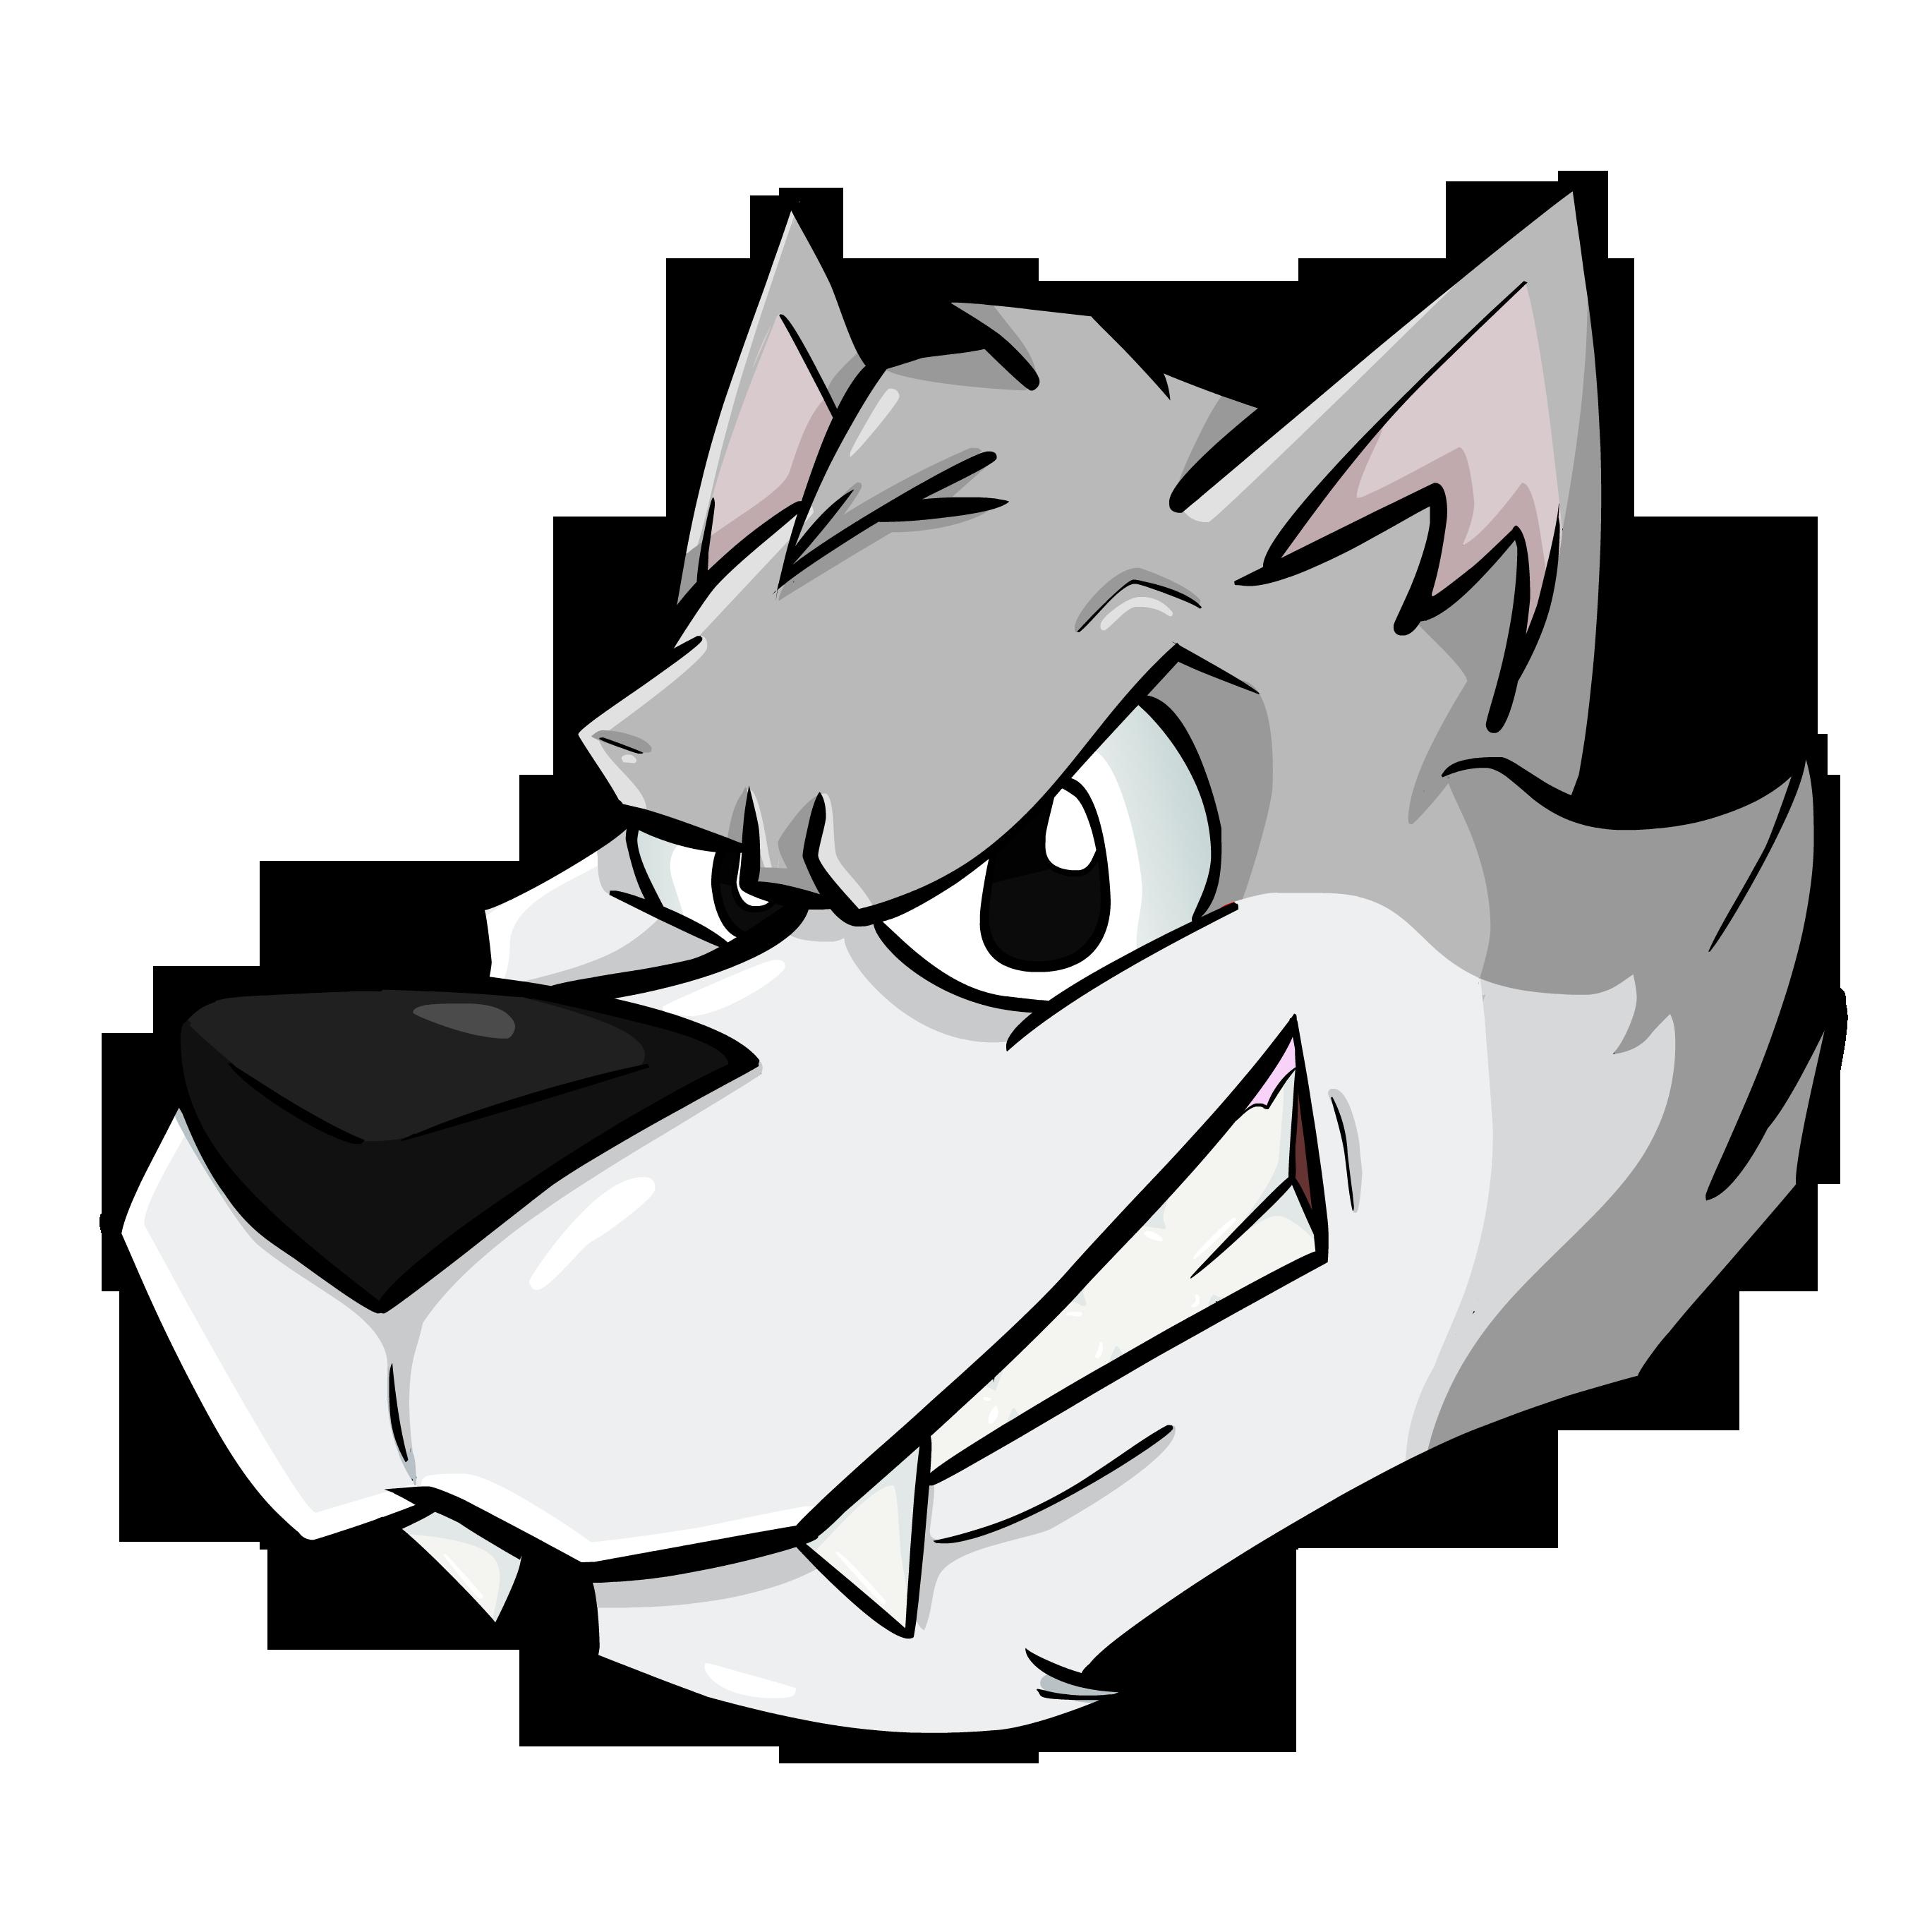 wolf headtheiyoume on newgrounds